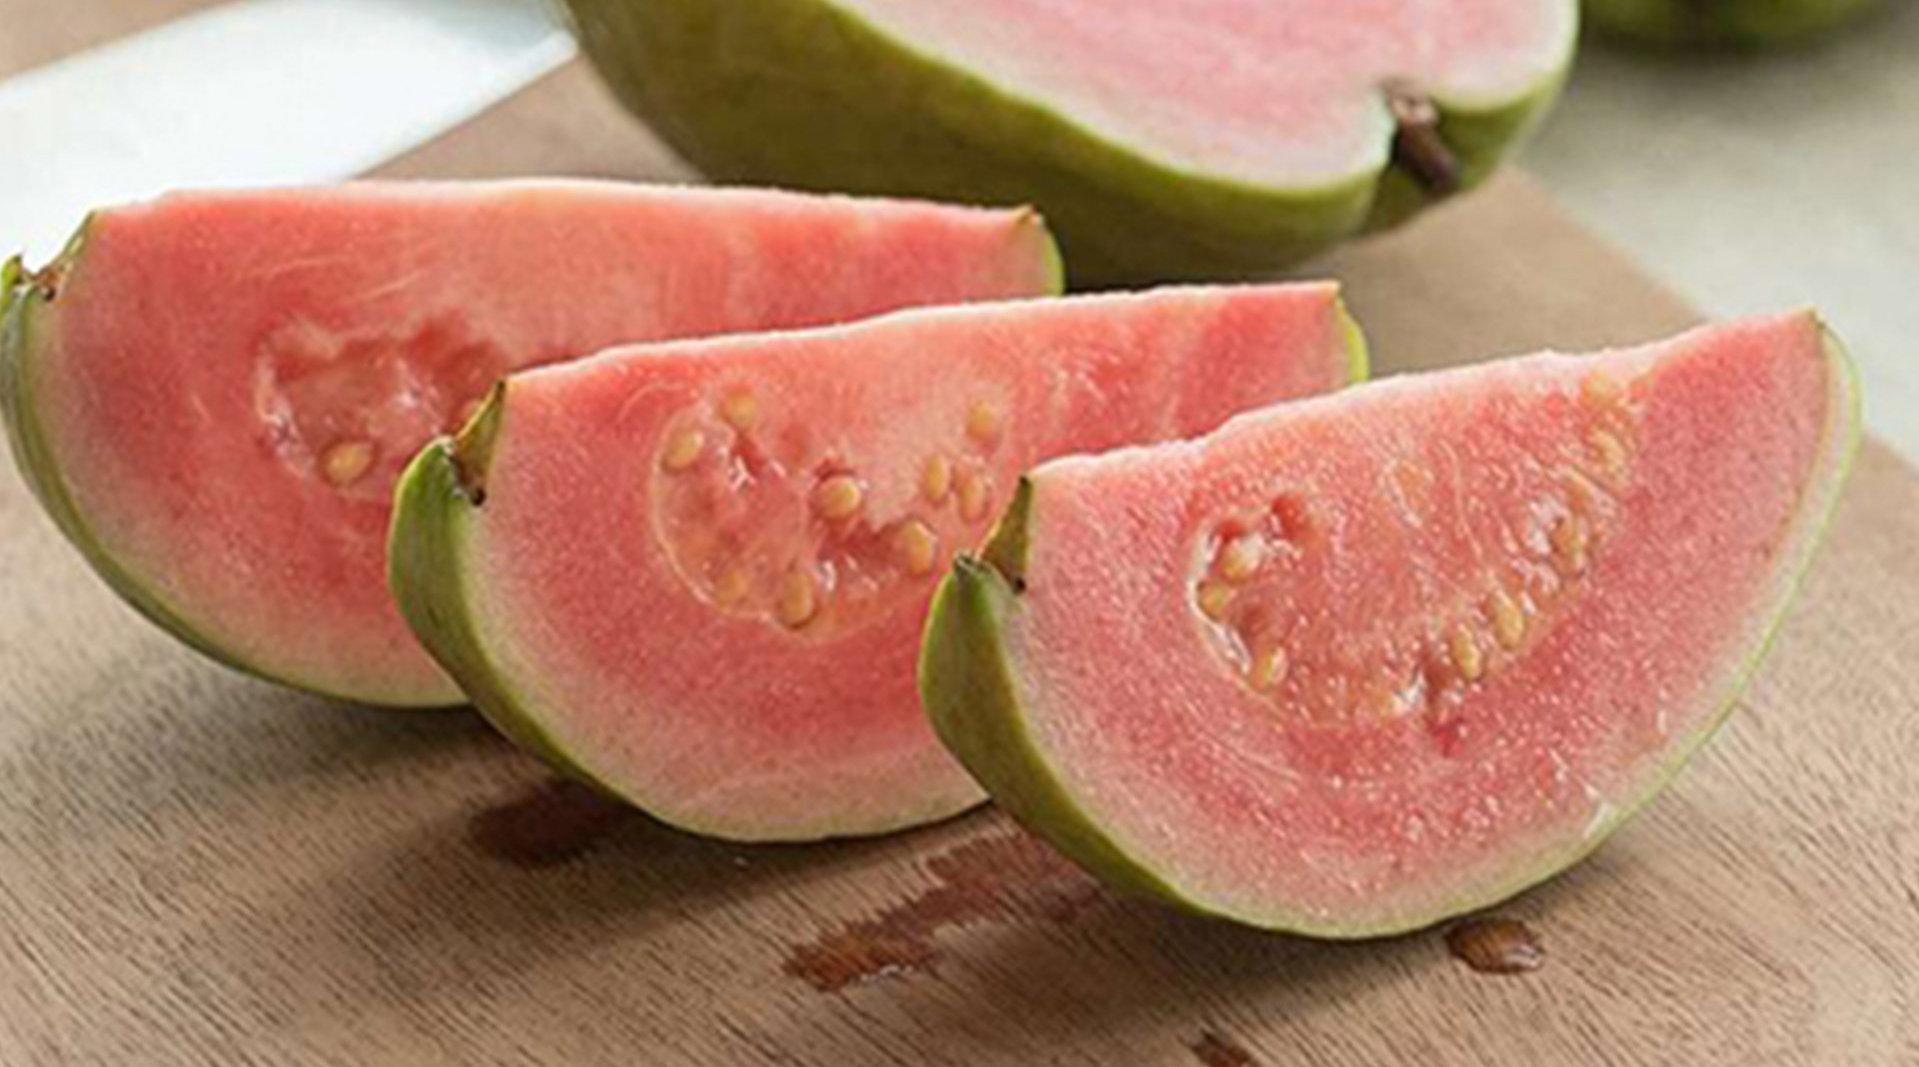 夏季建议中老年人多吃碱性水果 营养堪比软黄金